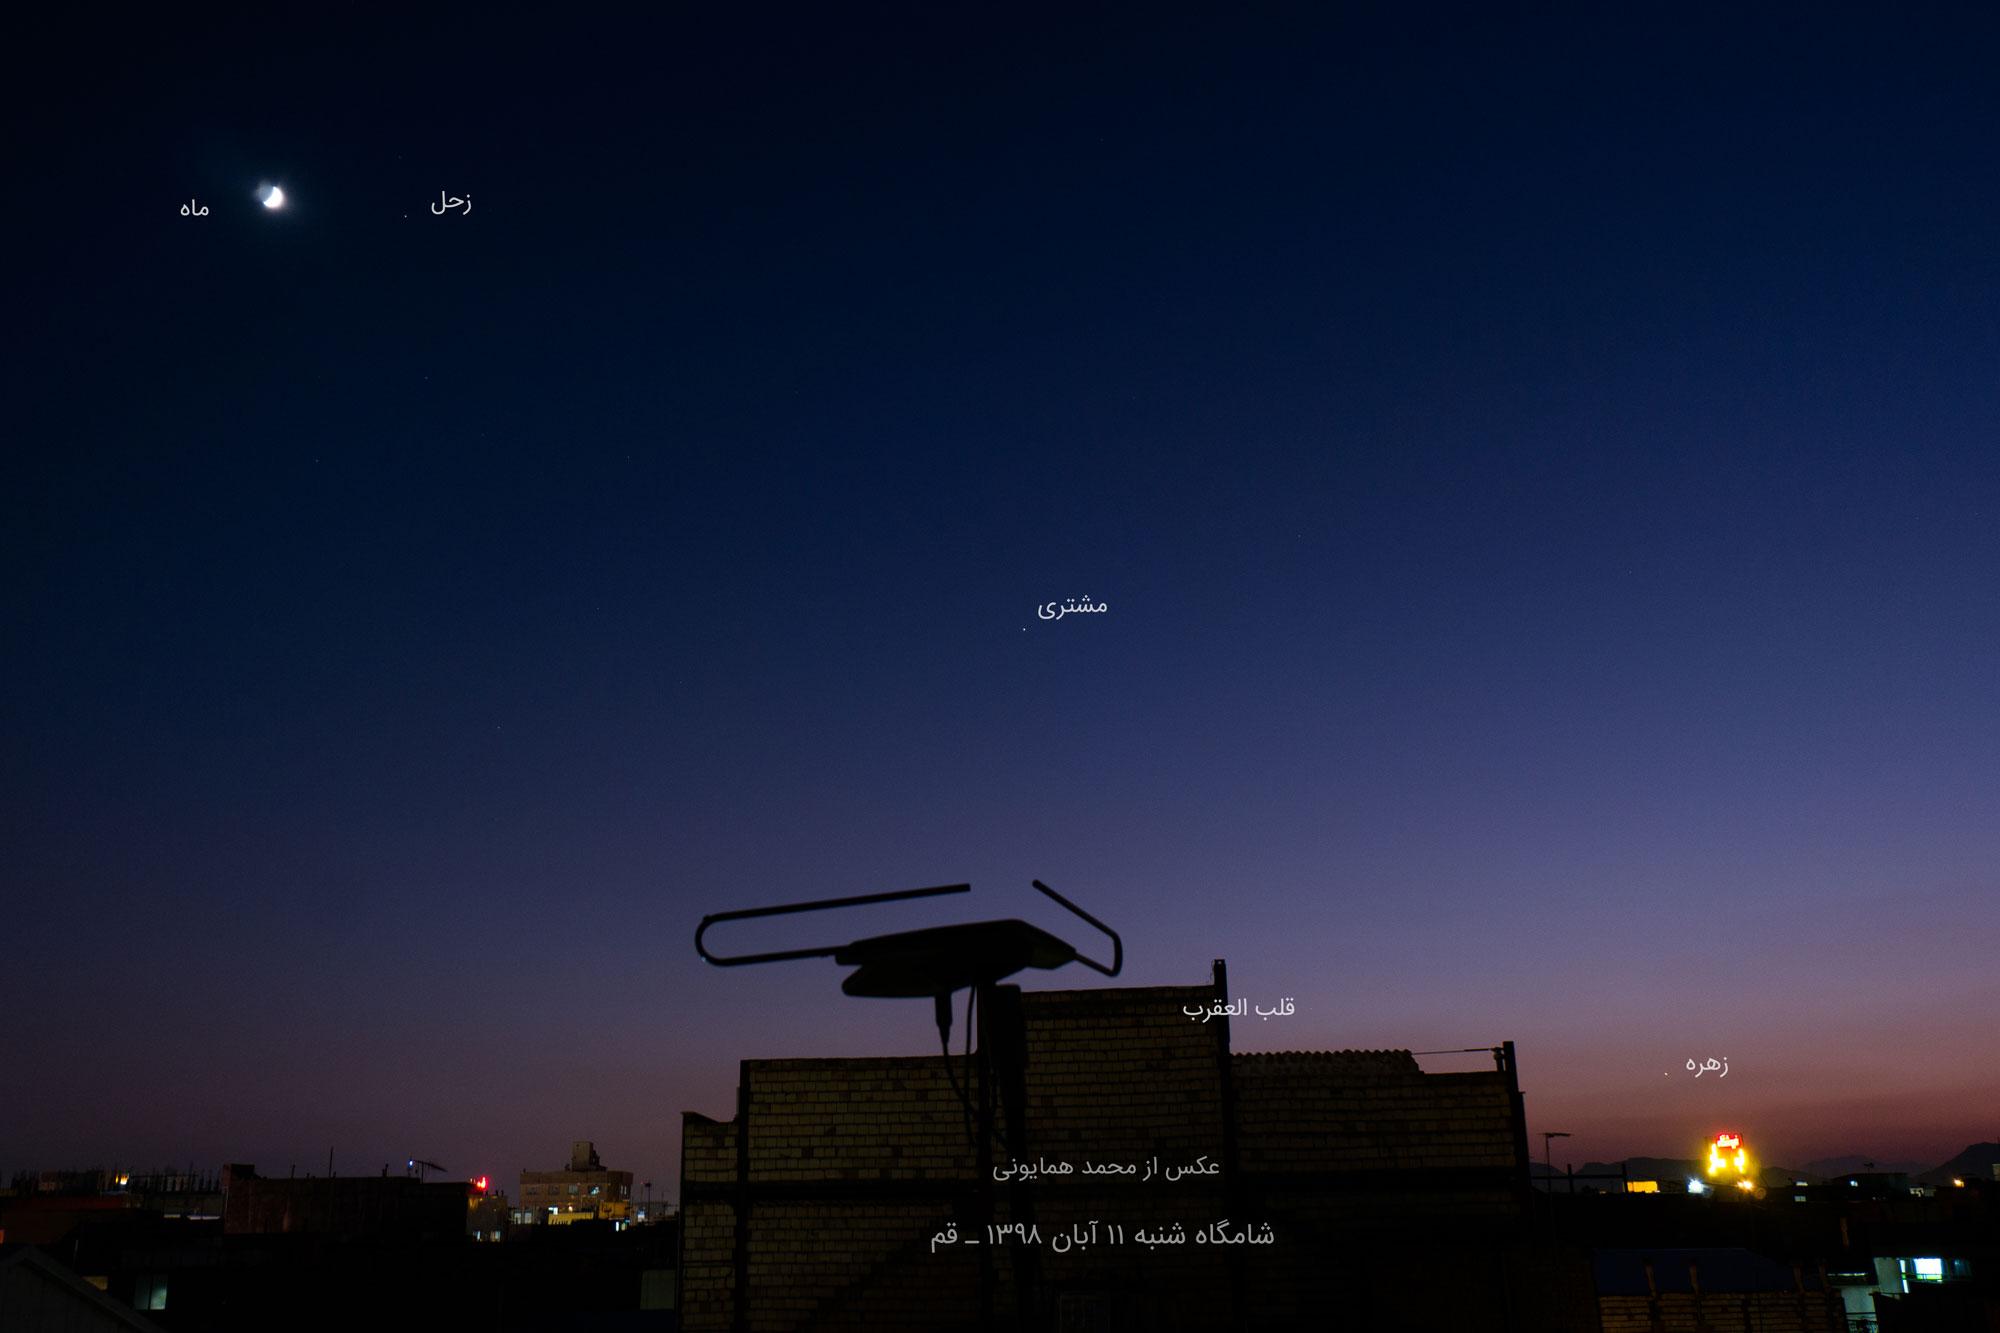 ماه و سیارات